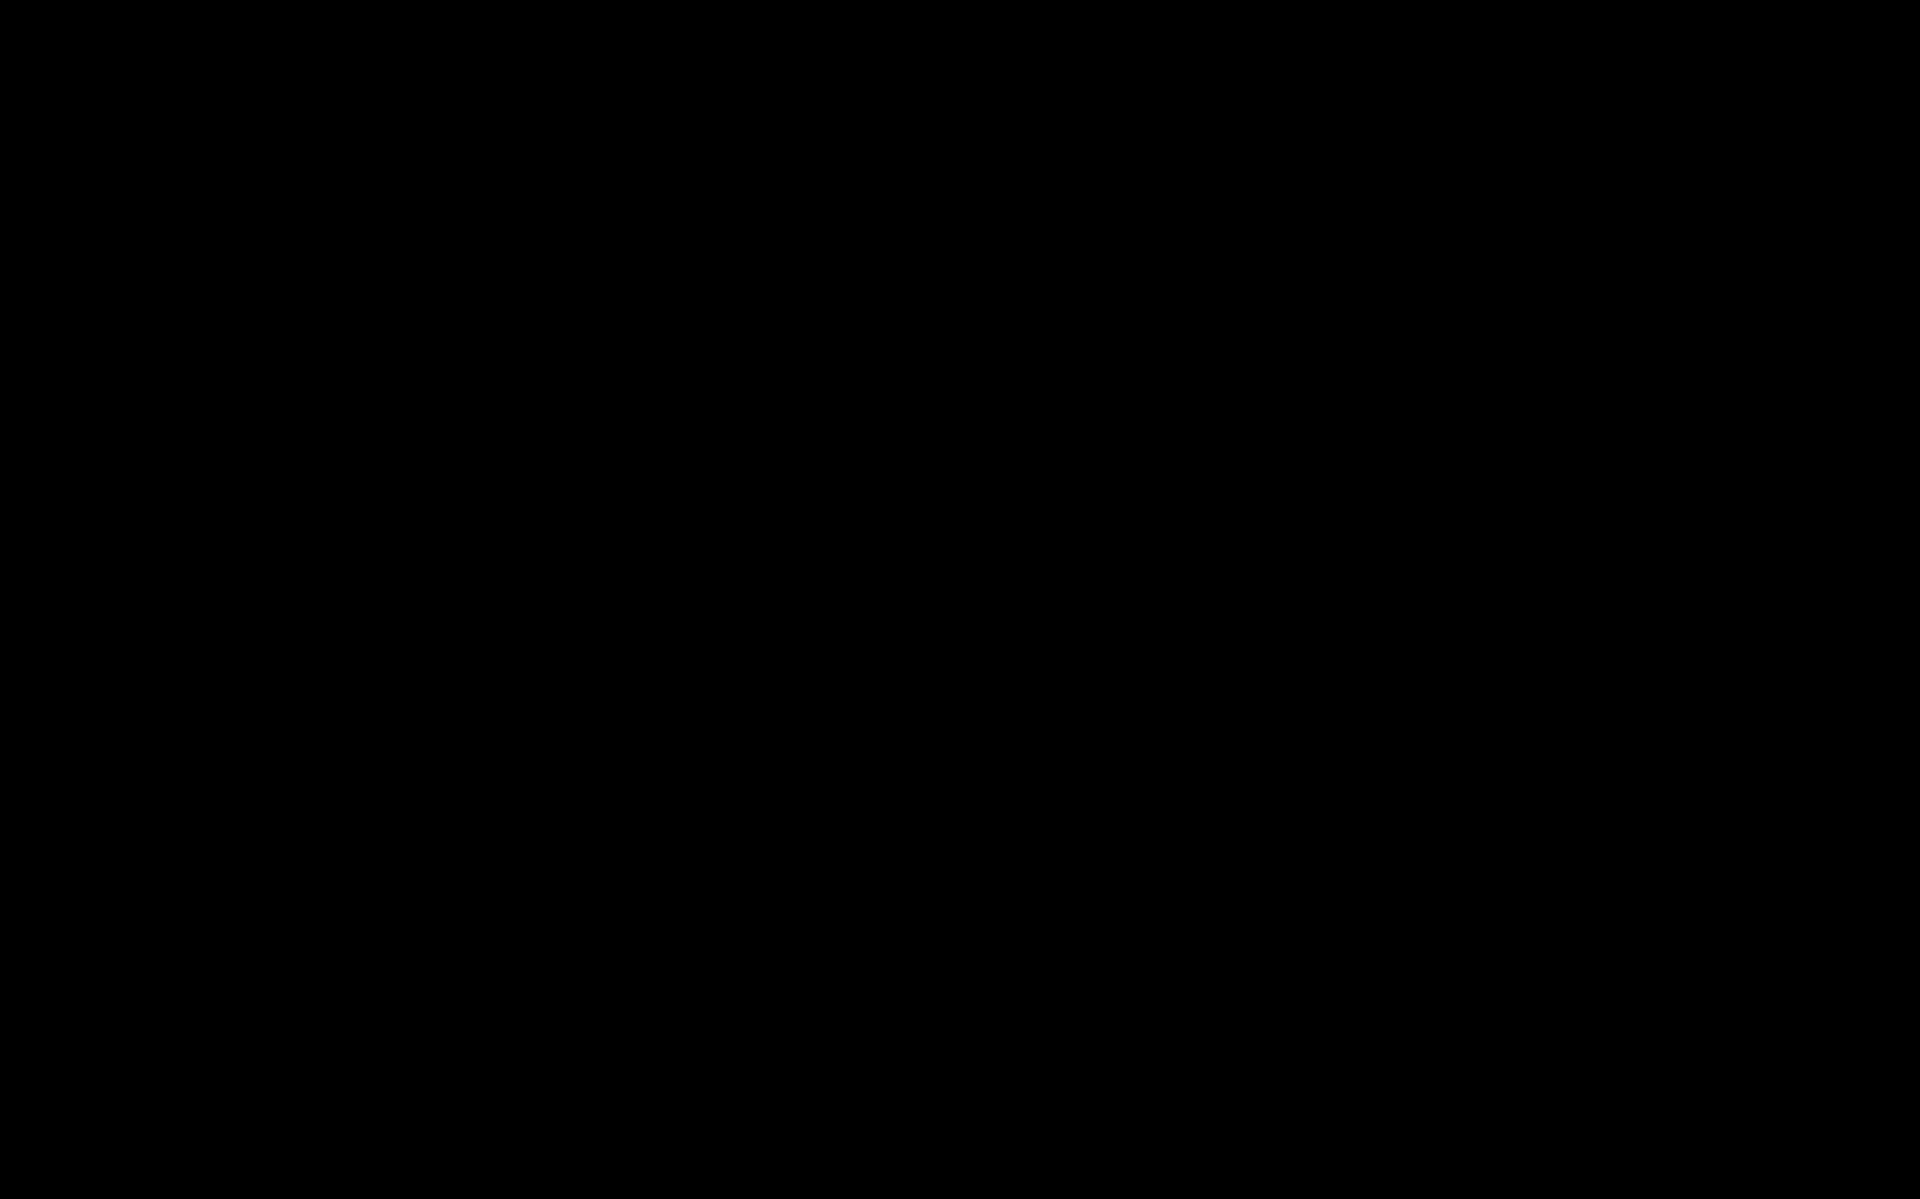 triexta icons